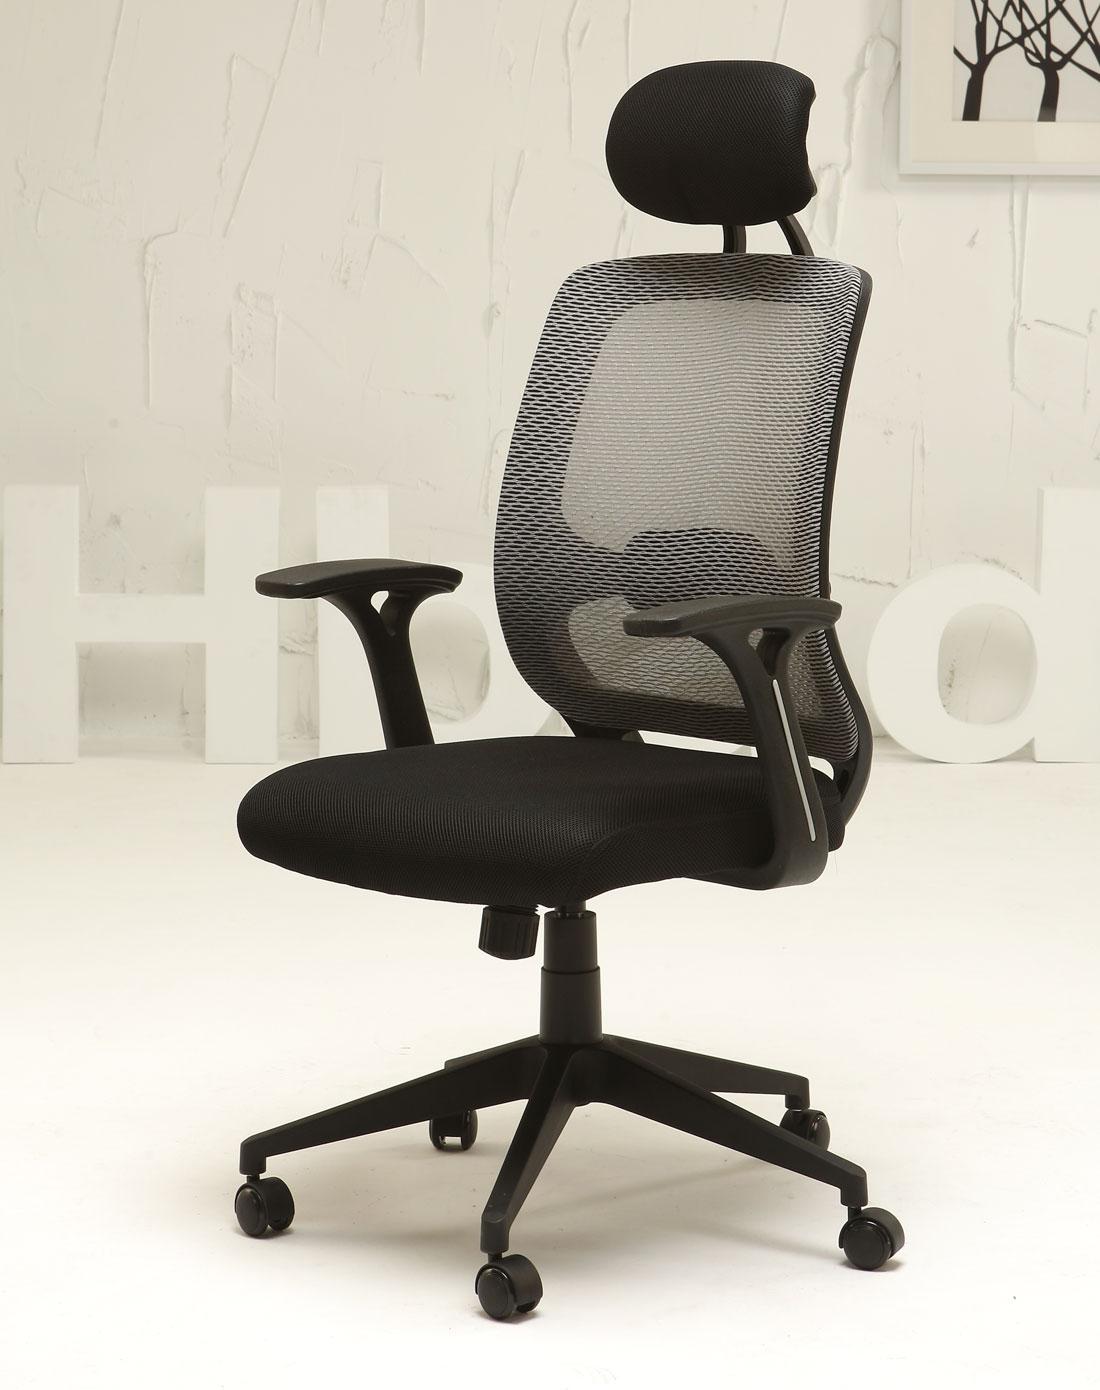 黑白调Hbada家具专场交织网布体型加大电脑椅